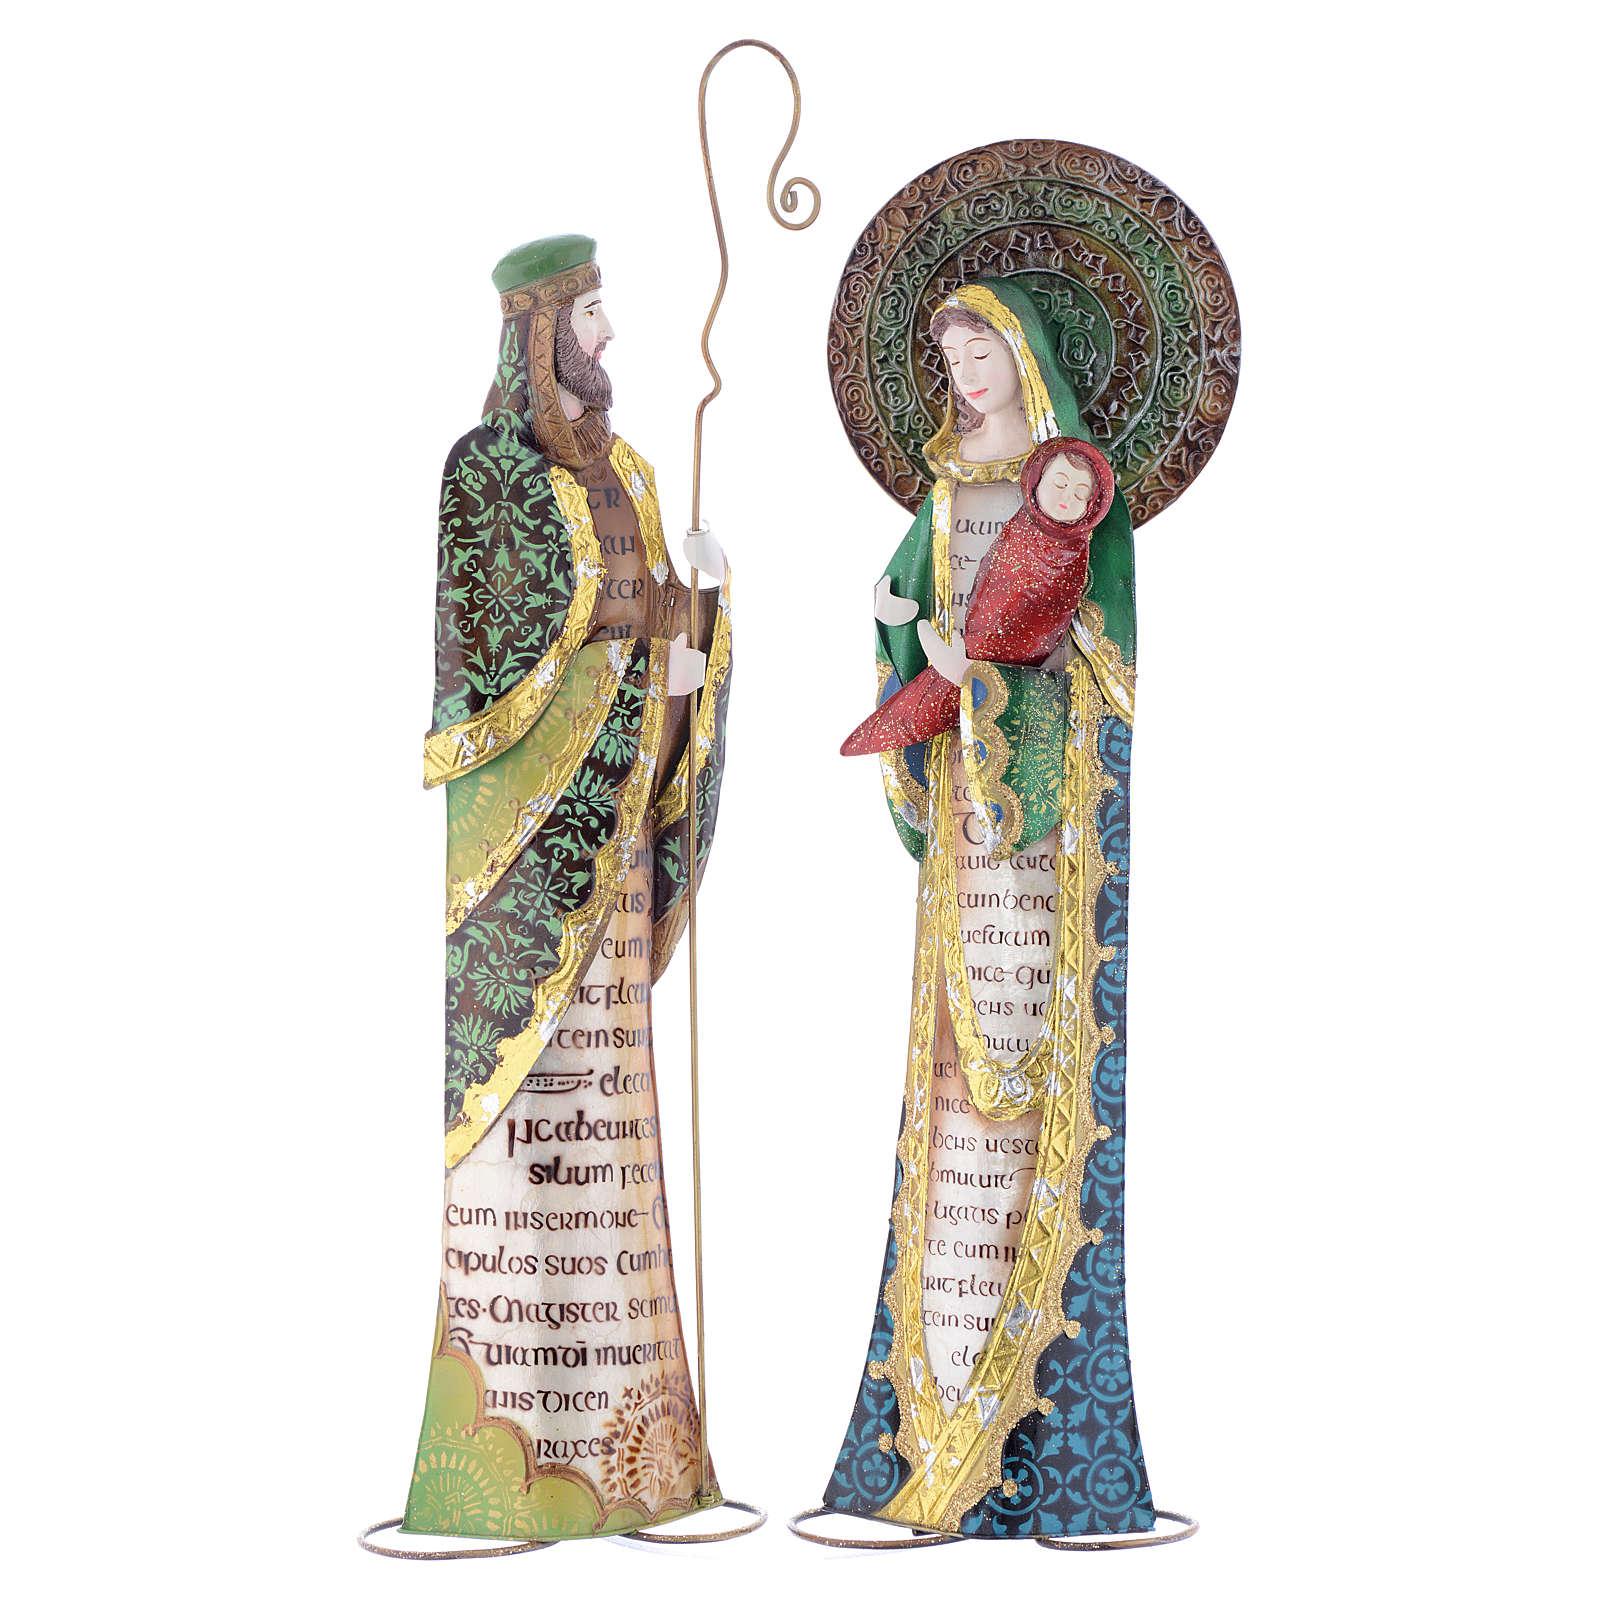 Nativité stylisée Joseph Marie crèche métal 4